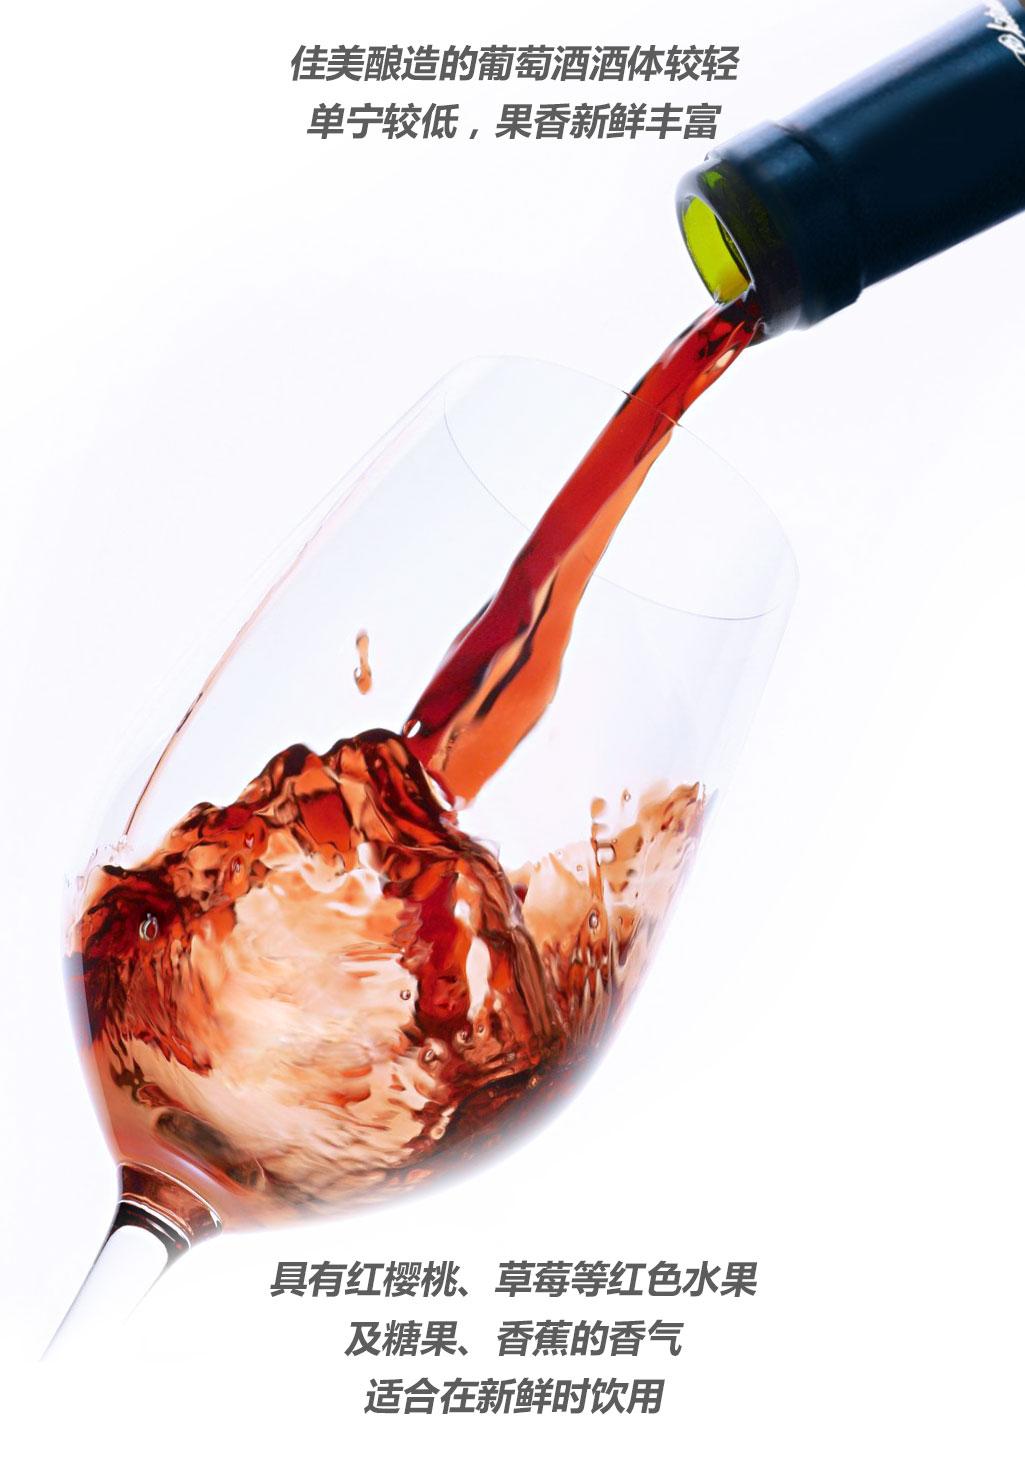 毕泽堡干红葡萄酒2015_03.jpg